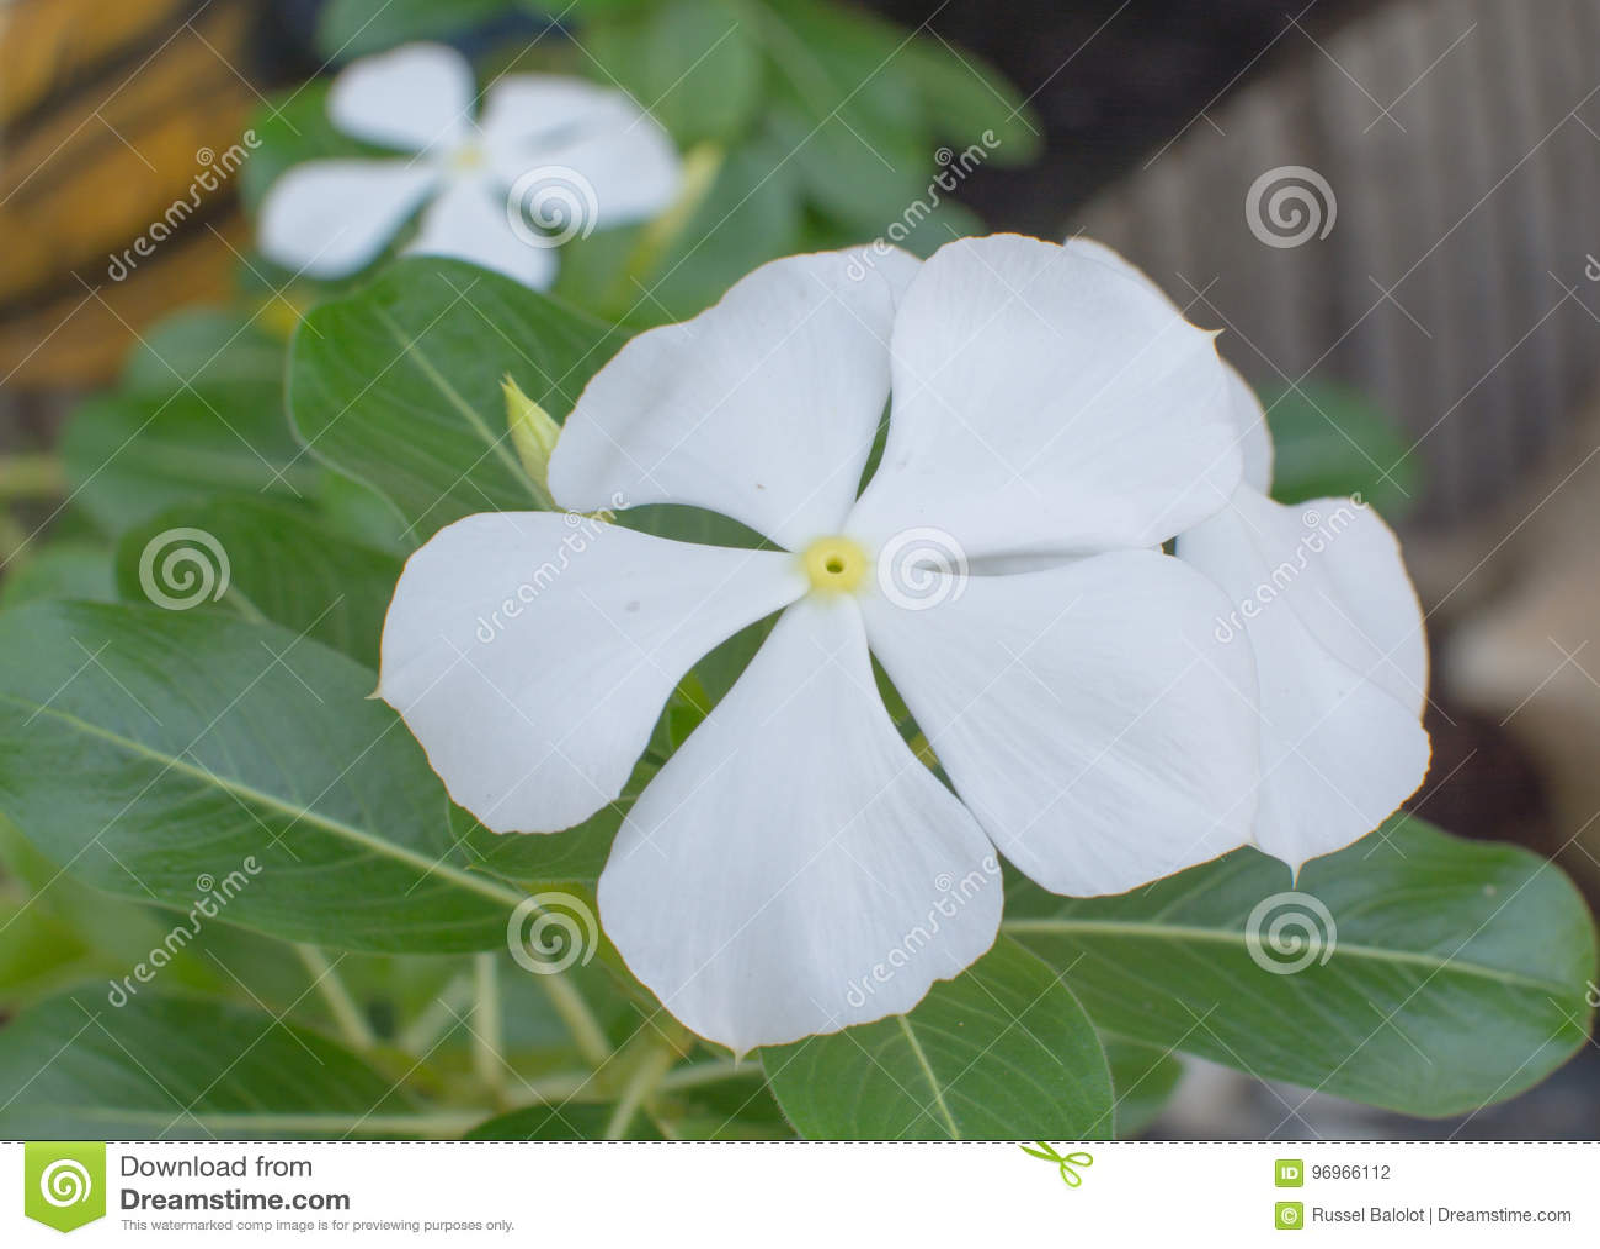 White Vinca Flower Stock Photo Image Of Flower White 96966112